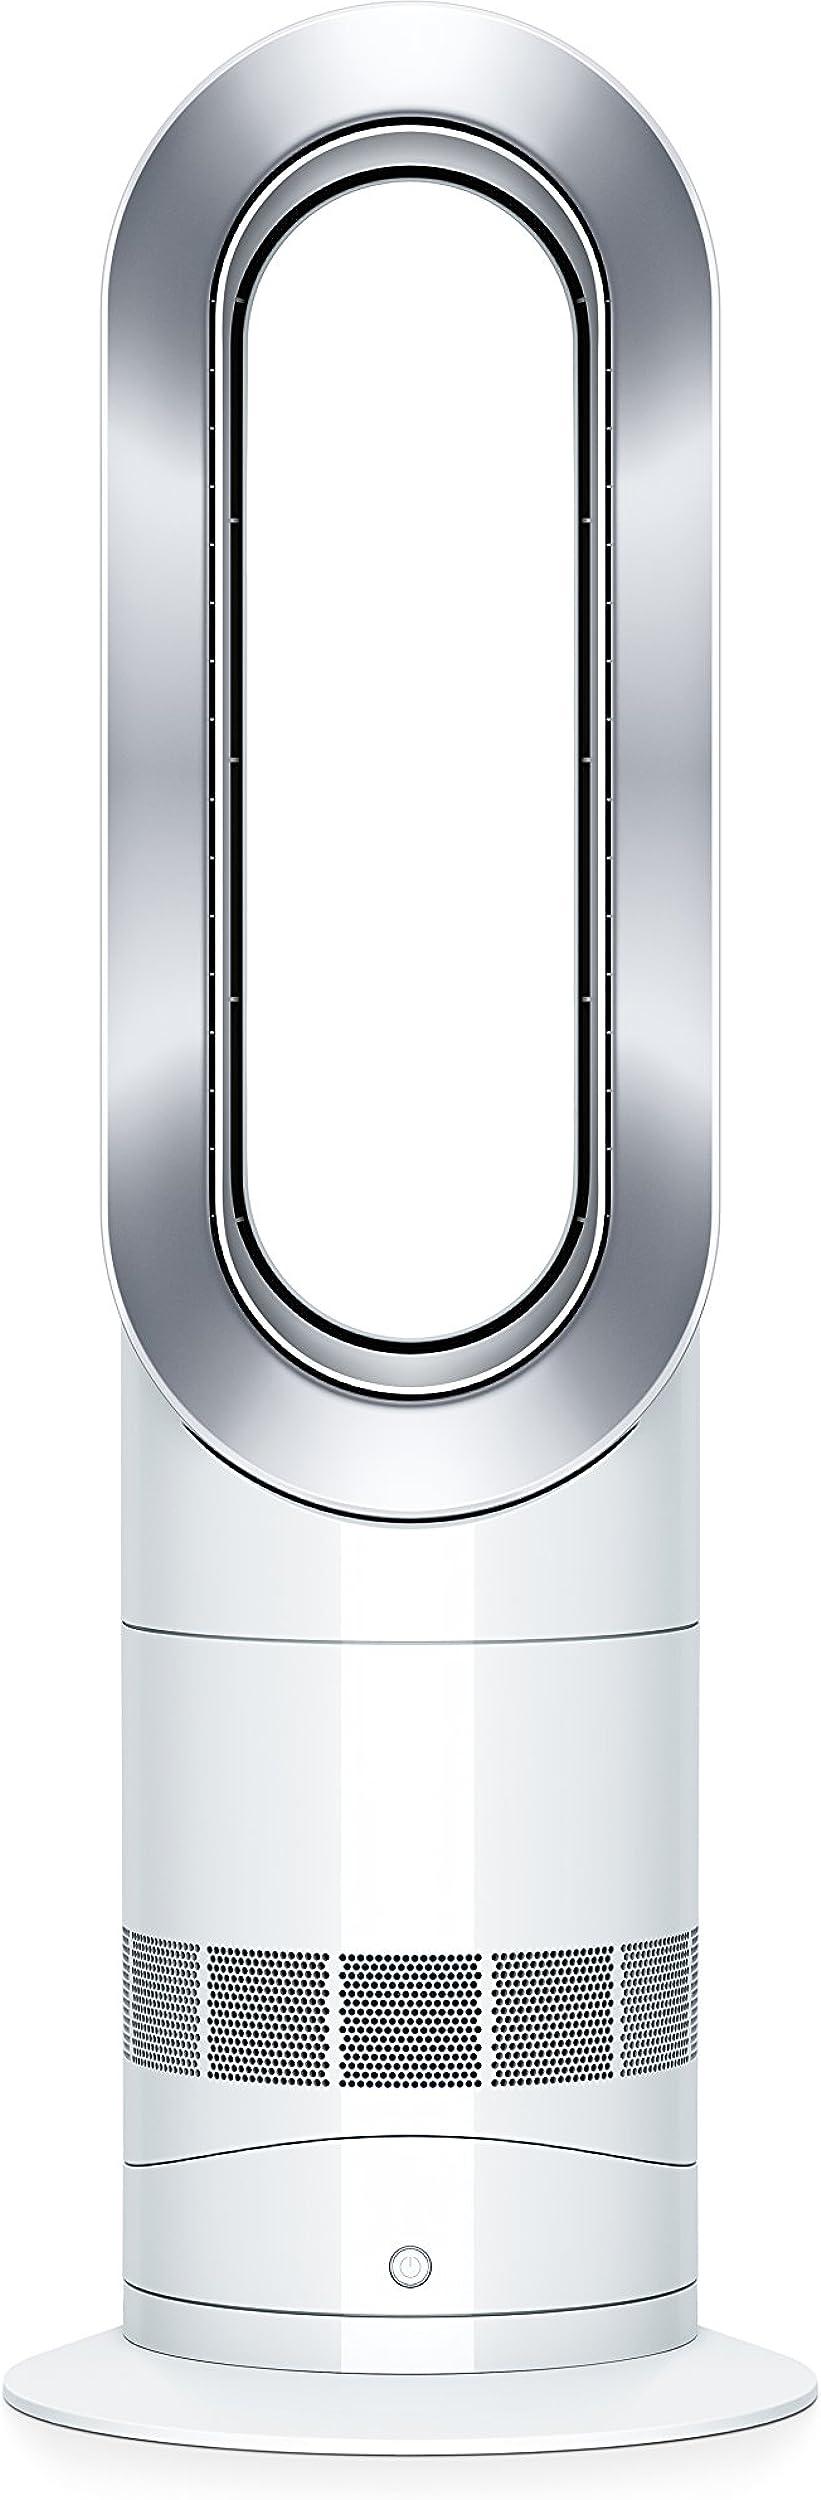 Am09 dyson hot+cool fan heater 61874-01